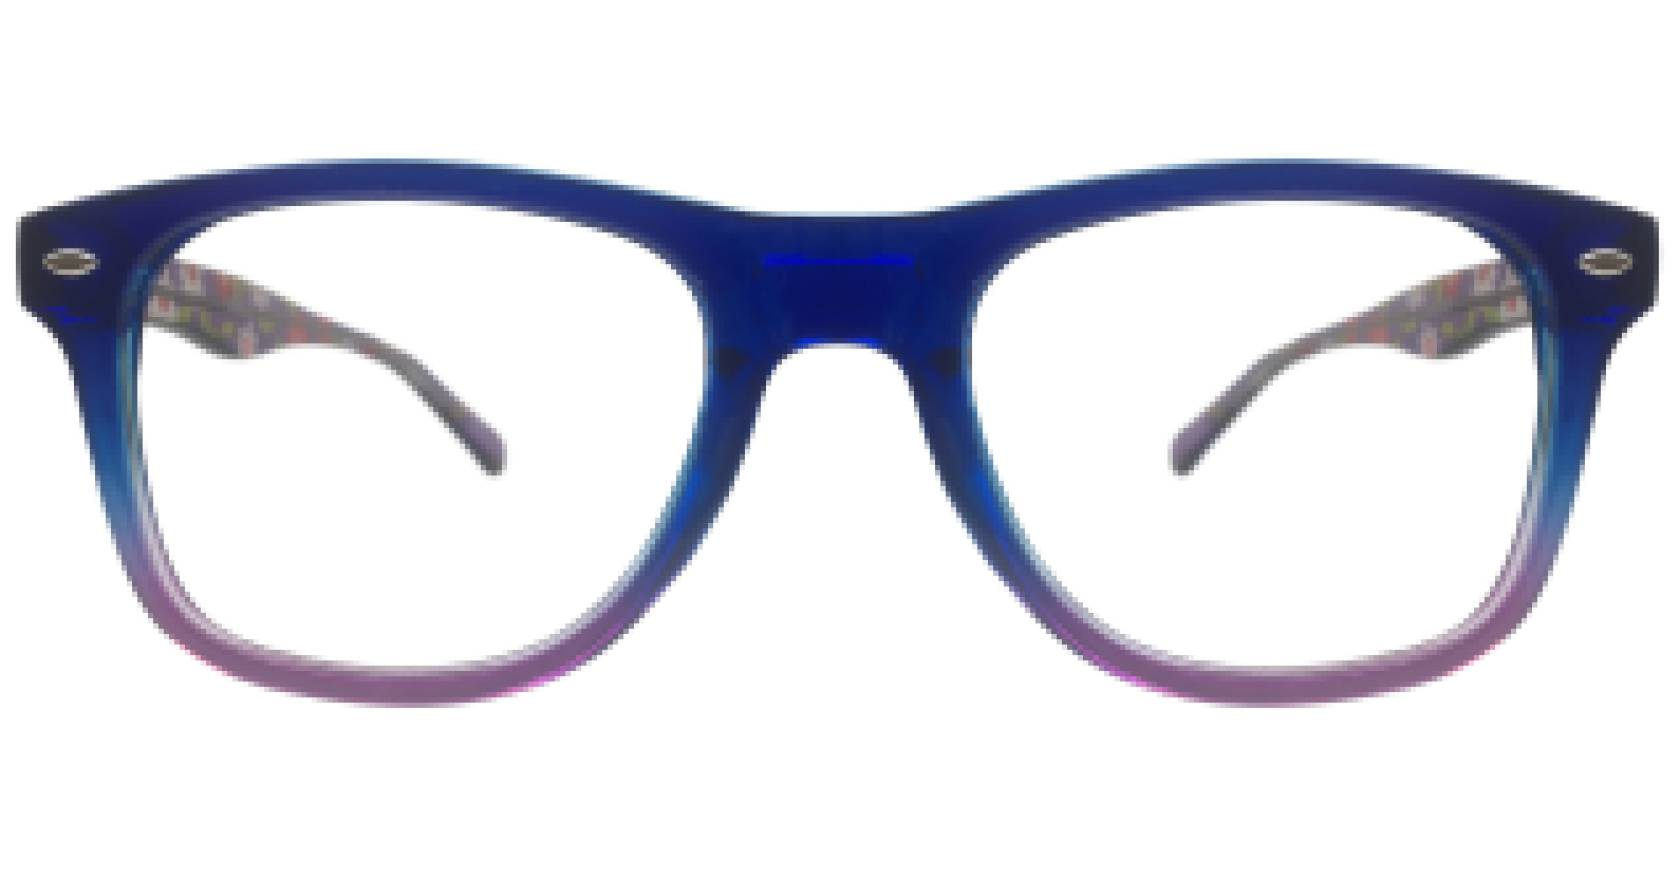 imagen miniatura frontal de la referencia 1001020